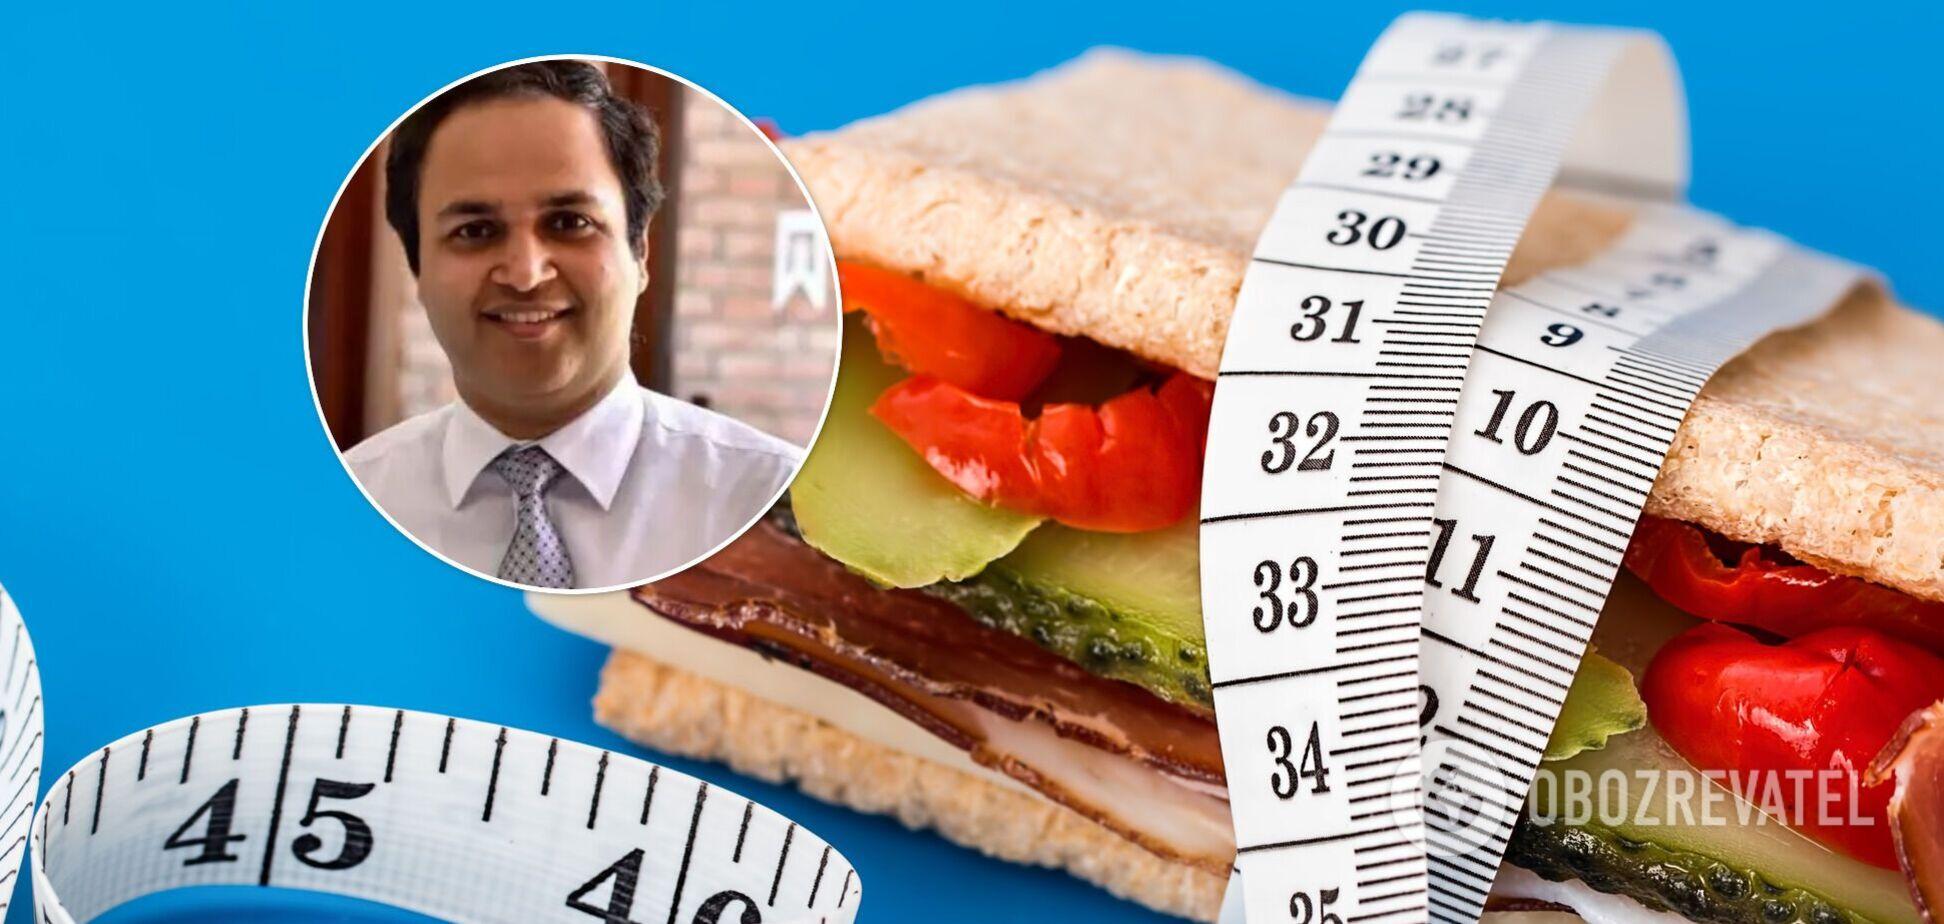 41-летний мужчина страдал от пристрастия к нездоровой еде